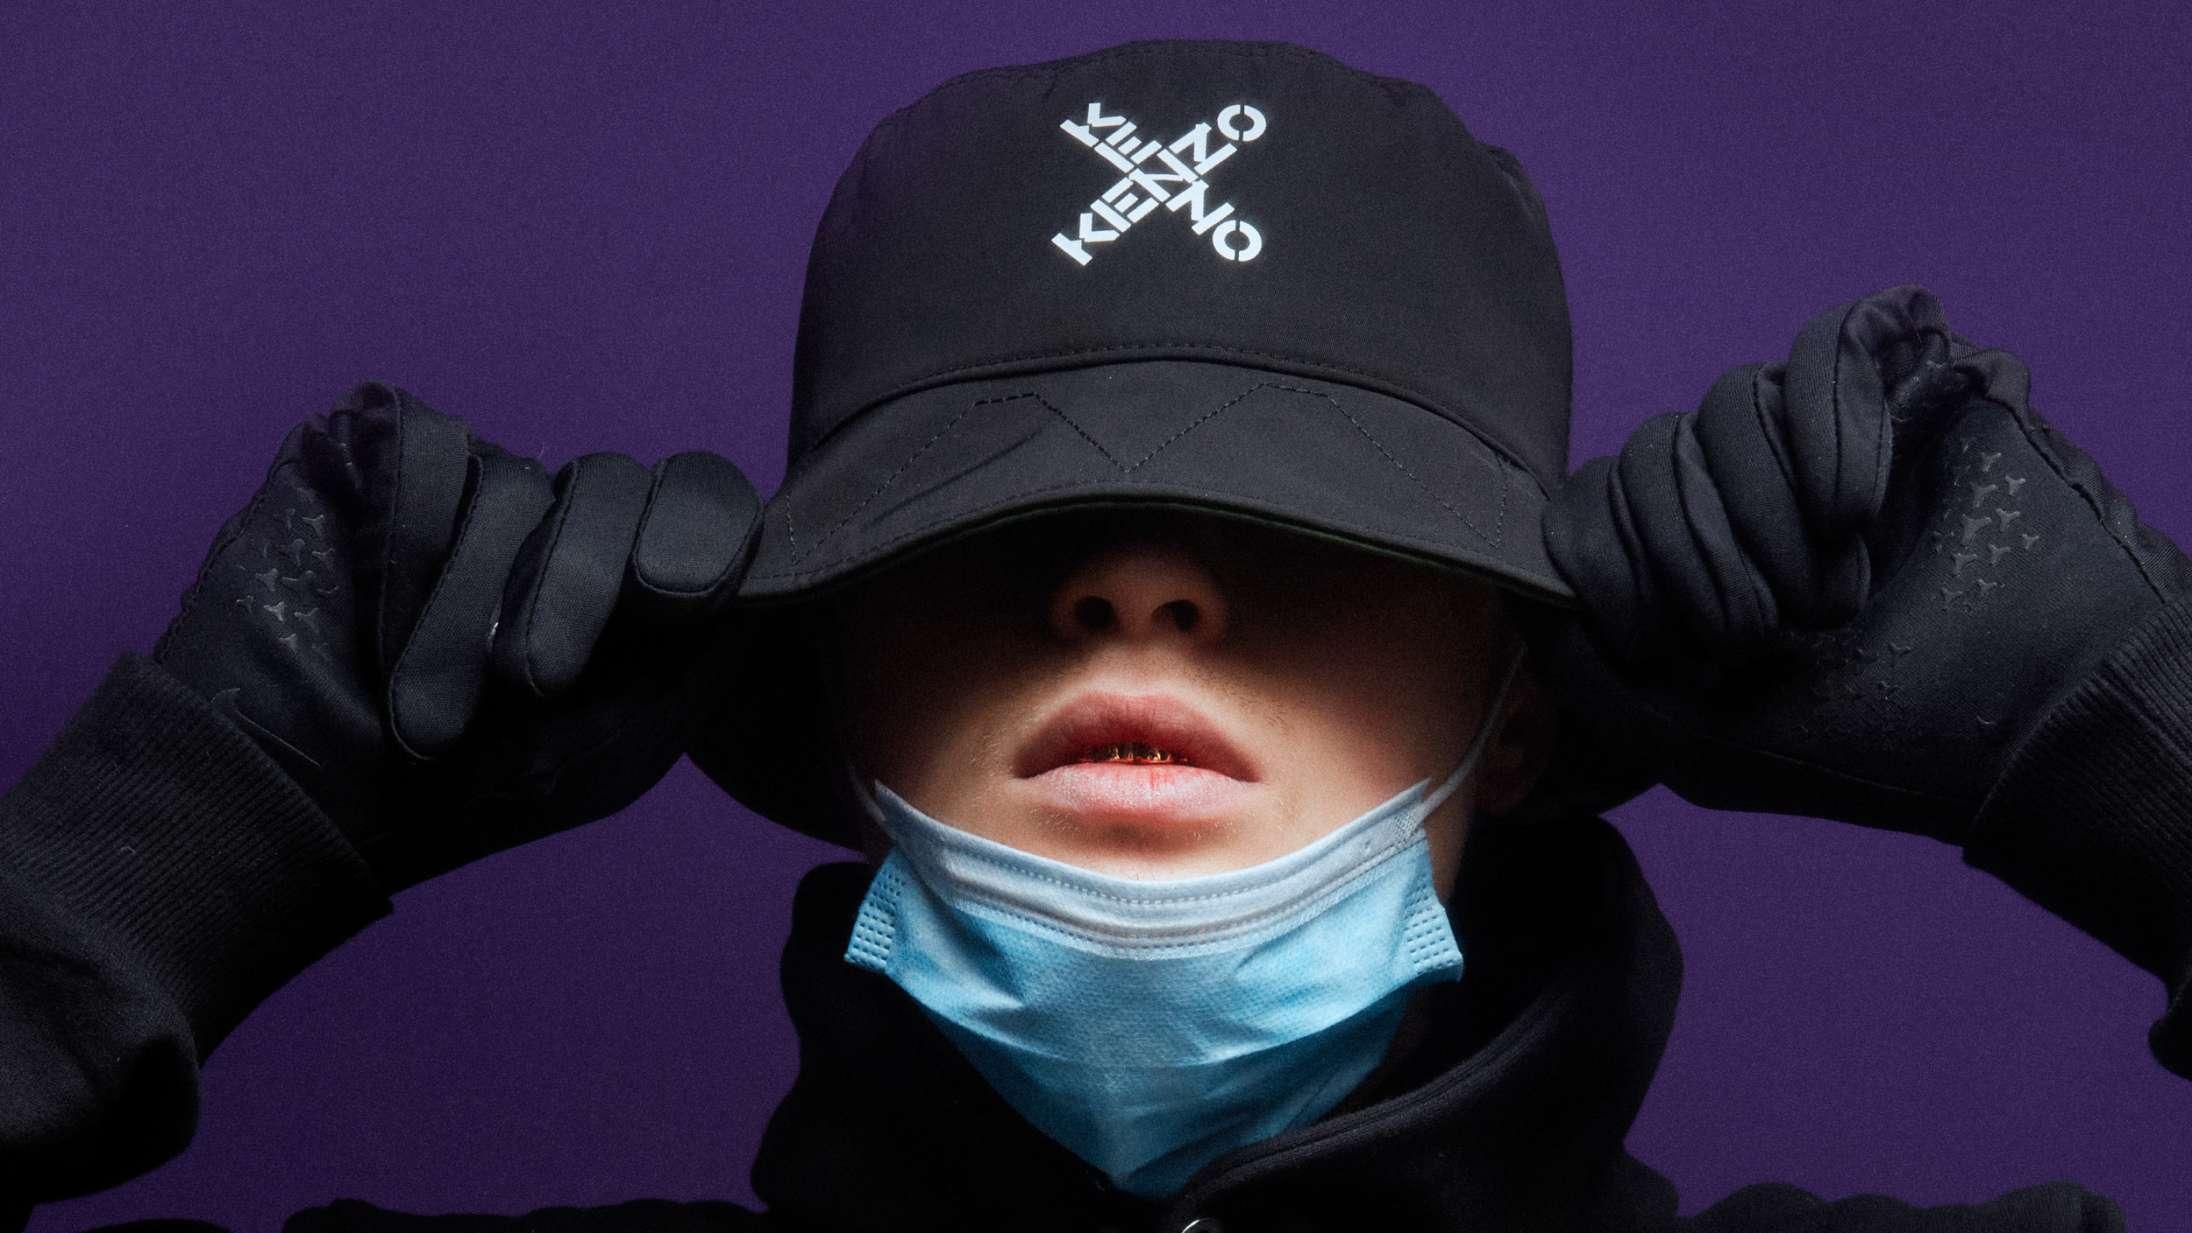 Miklo anbefaler fem drill-rappere: »Hans død ramte mig hårdt«